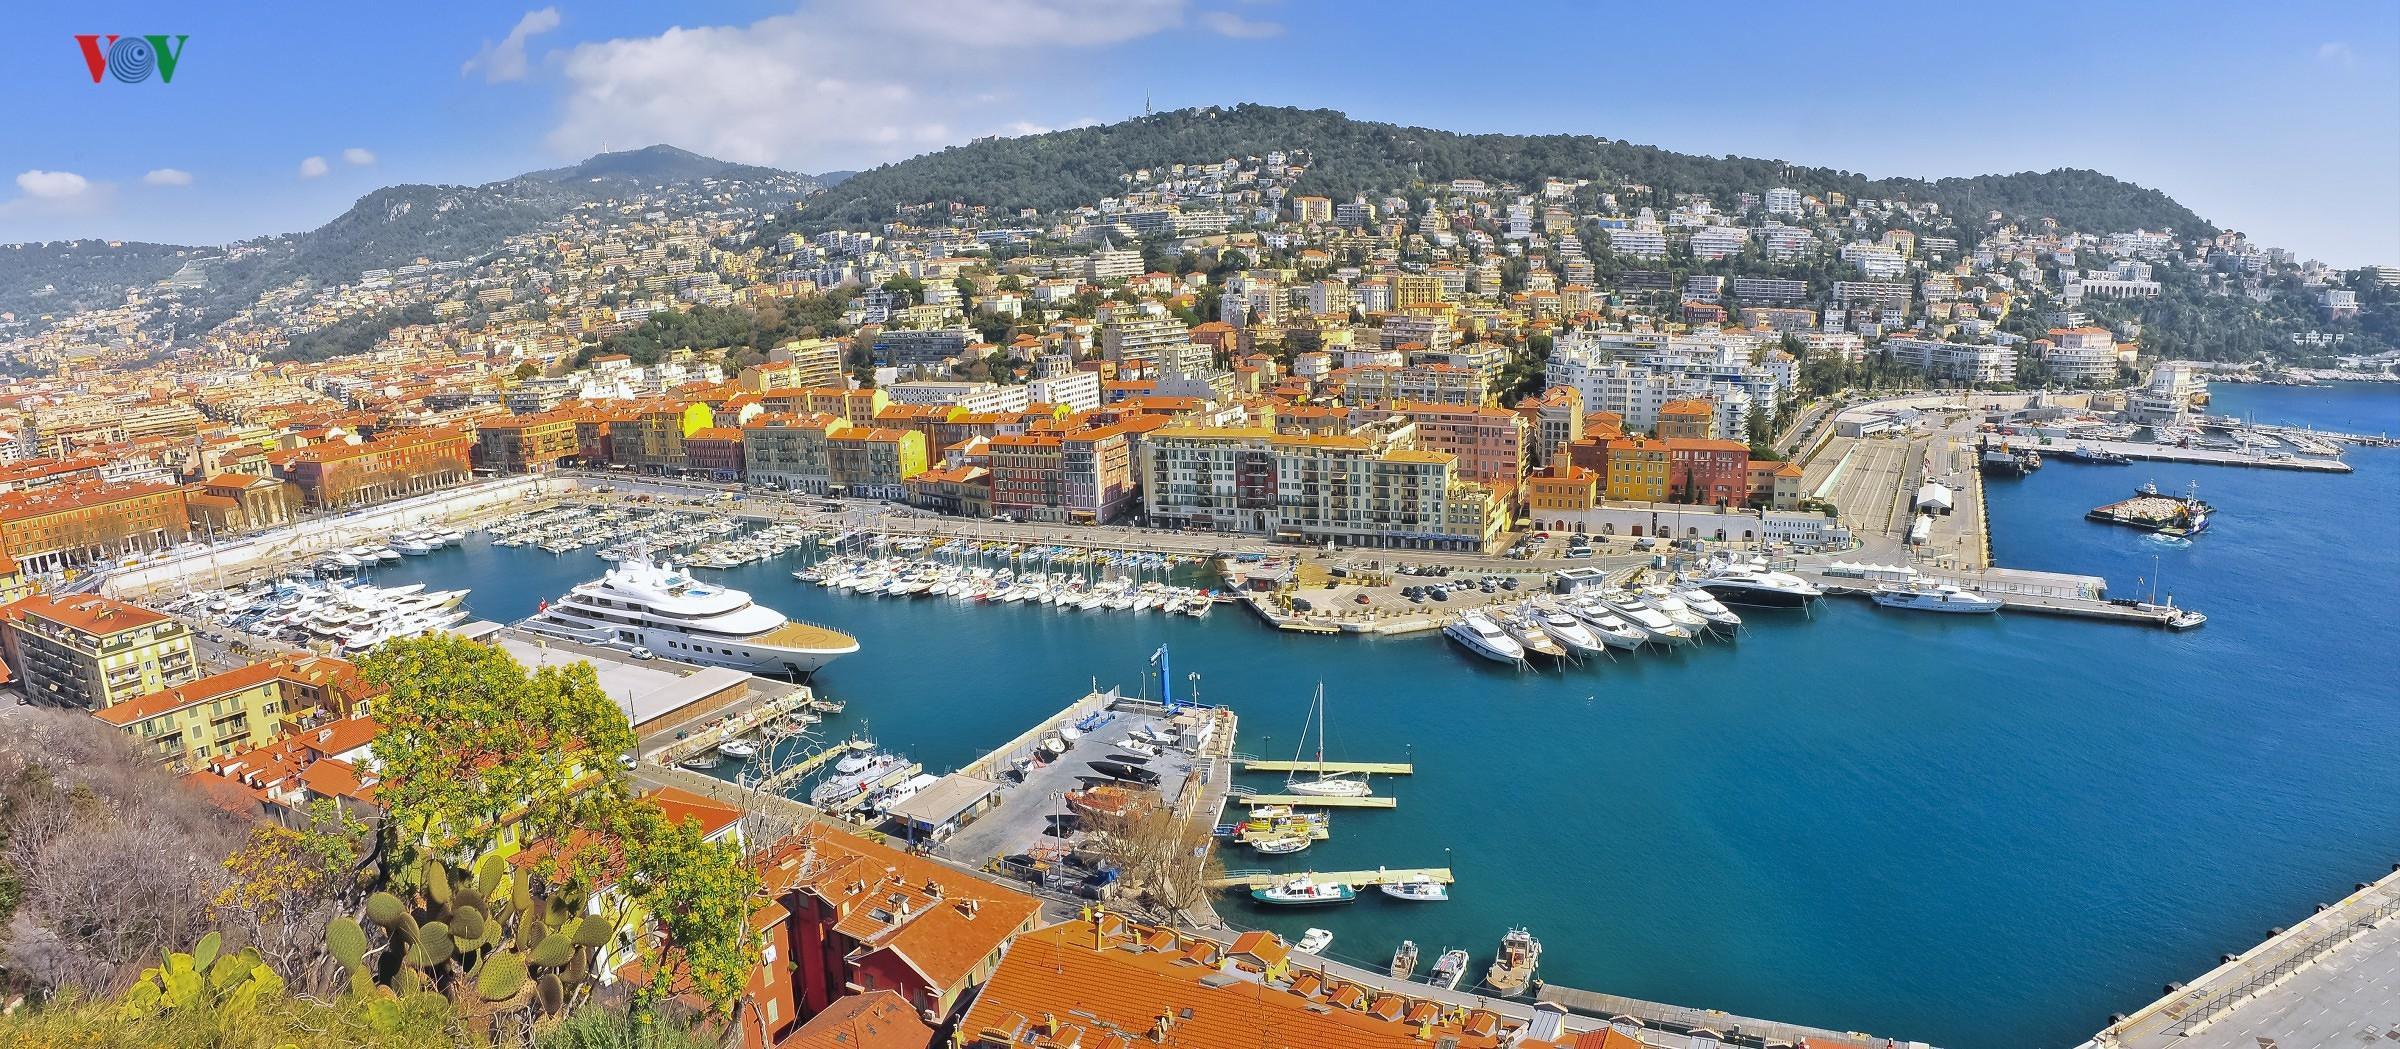 Khám phá Nice - thành phố biển quyến rũ nhất Địa Trung Hải Ảnh 1